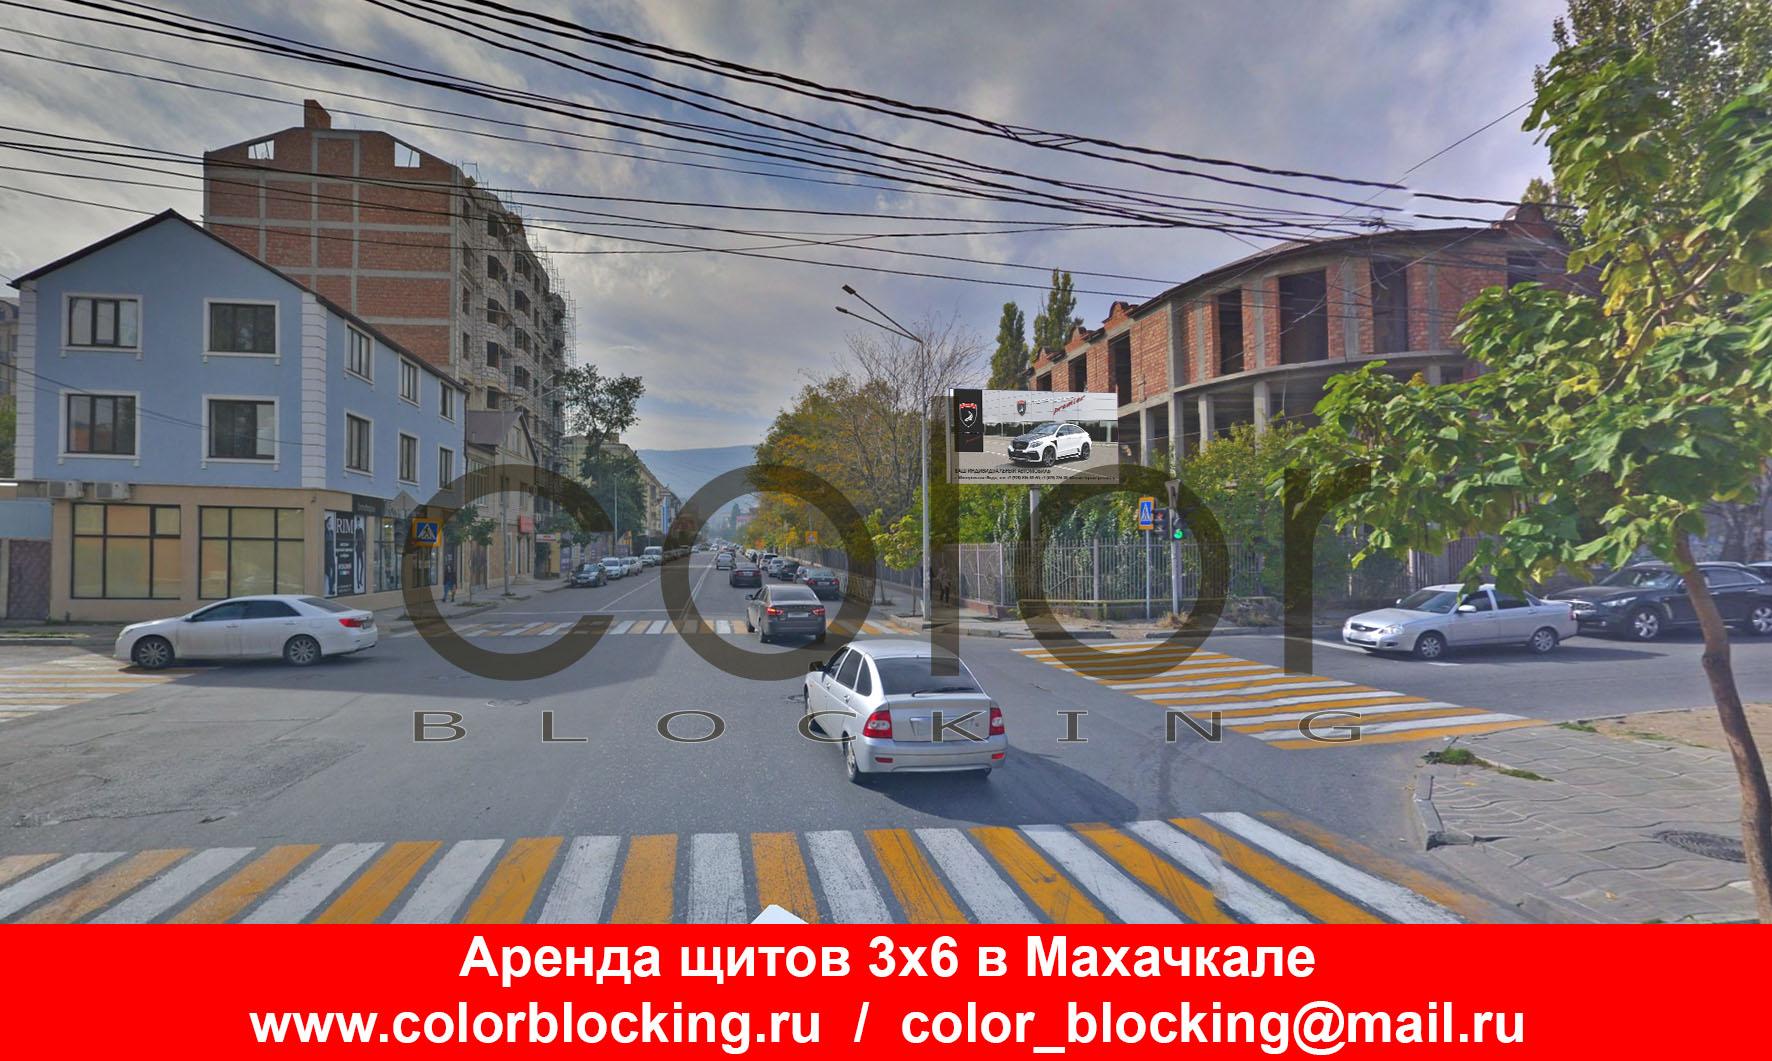 Наружная реклама в Махачкале уличная